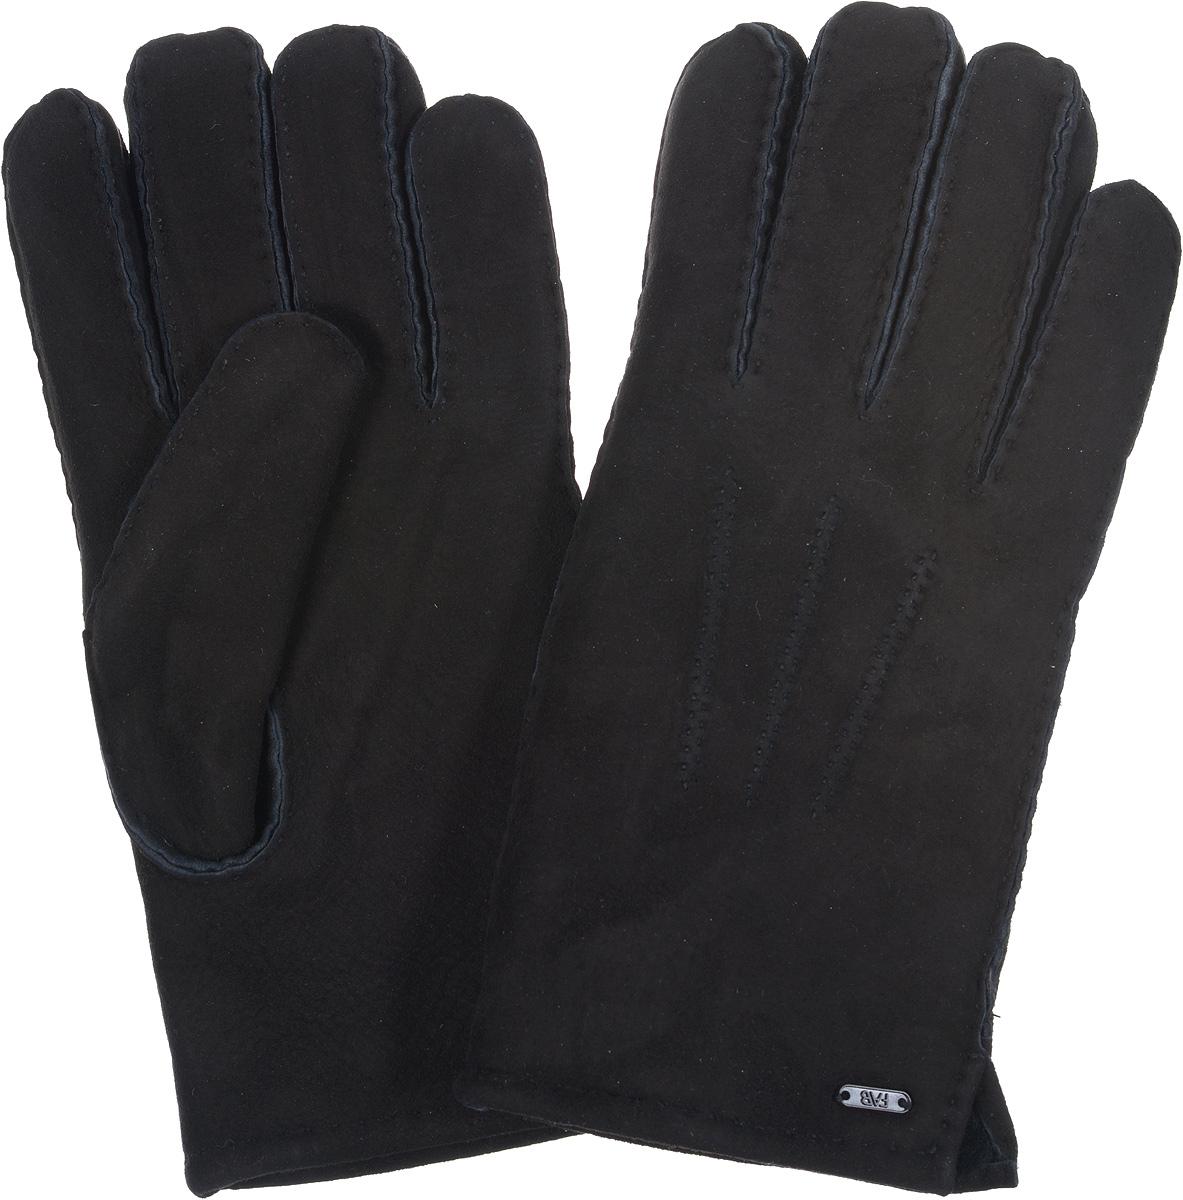 Перчатки25.10-1 blackПотрясающие мужские перчатки торговой марки Fabretti выполнены из чрезвычайно мягкой и приятной на ощупь кожи-велюр, а их подкладка - натуральный мех, будет вас радовать снова и снова. Лицевая сторона оформлена декоративными швами три луча, а края перчаток обработаны наружными ручными швами. Великолепные мужские перчатки Fabretti не только согреют пальчики, но и дополнят ваш образ в качестве эффектного аксессуара.